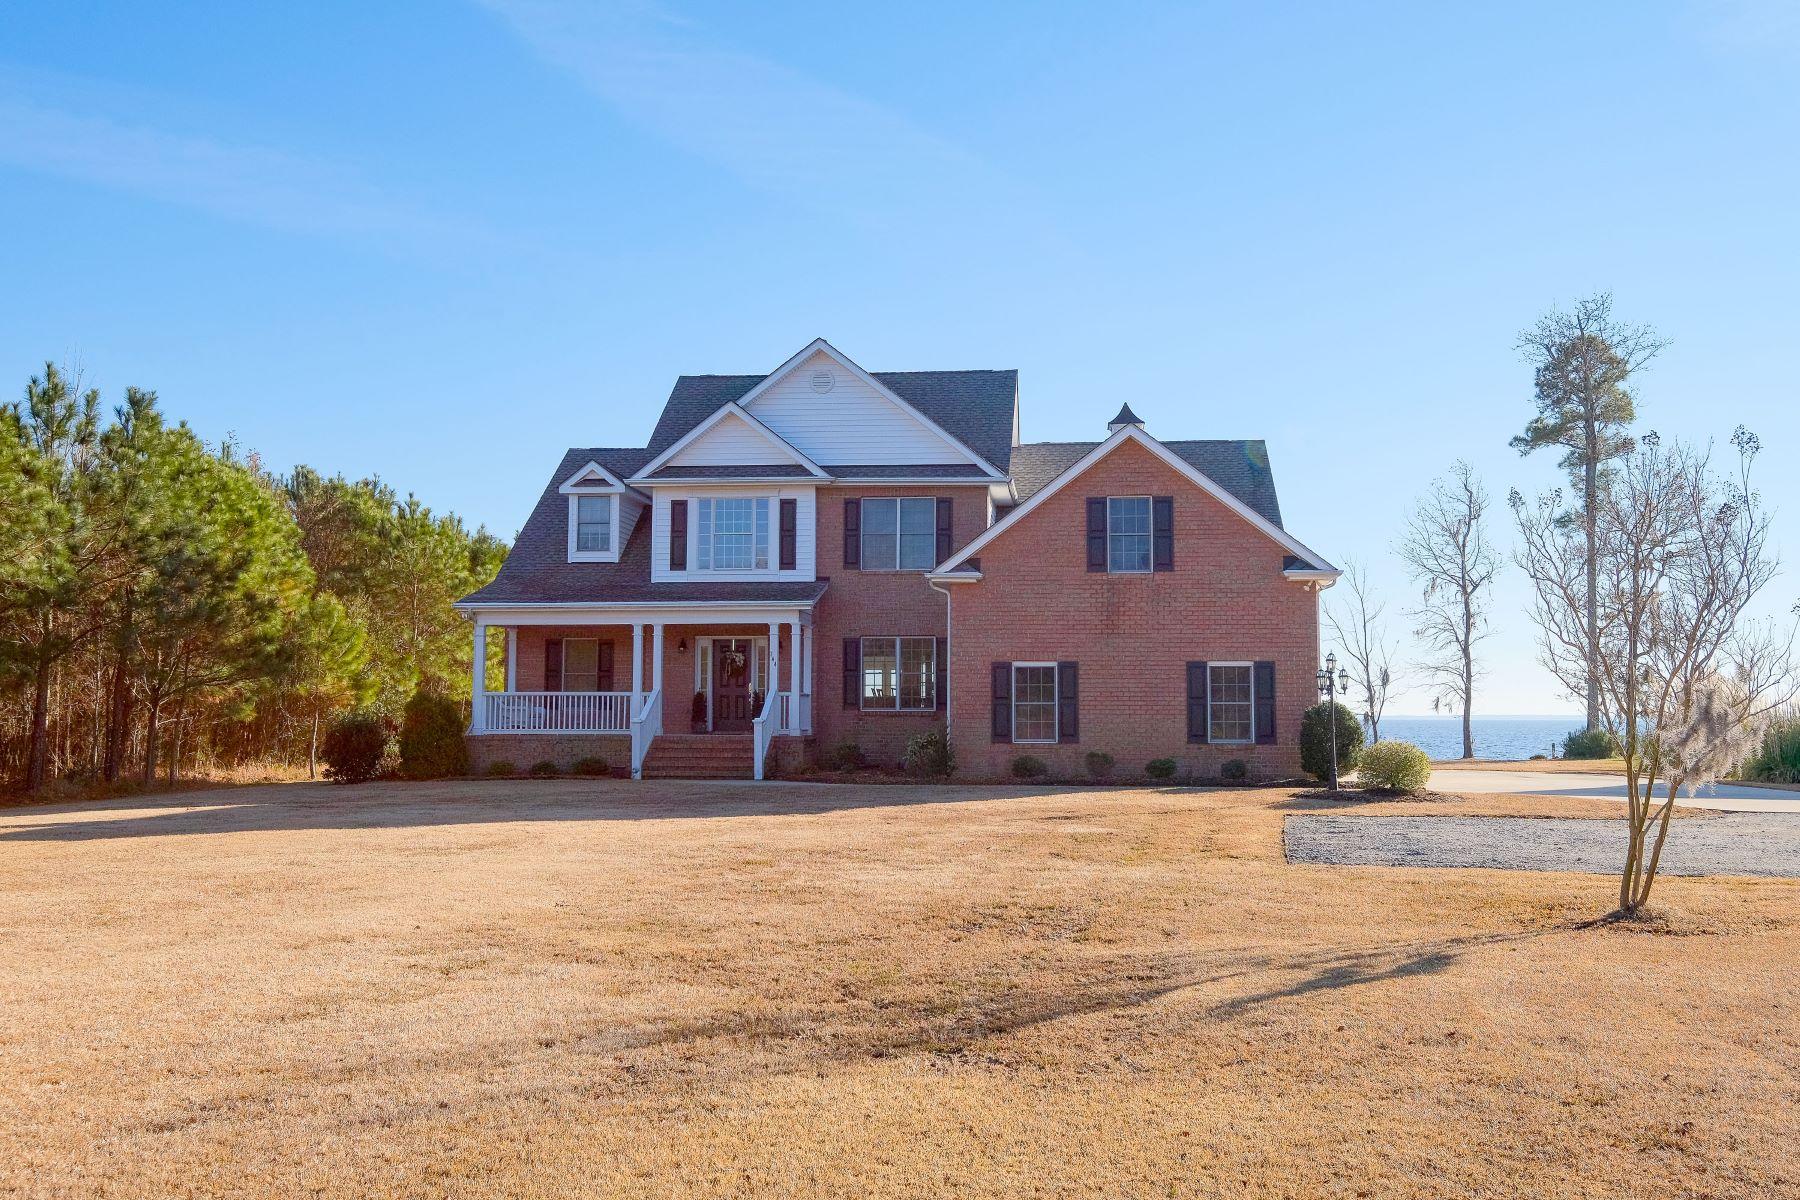 Maison unifamiliale pour l Vente à SPACIOUS WATERFRONT HOME 144 Osprey Dr Edenton, Carolina Du Nord, 27932 États-Unis